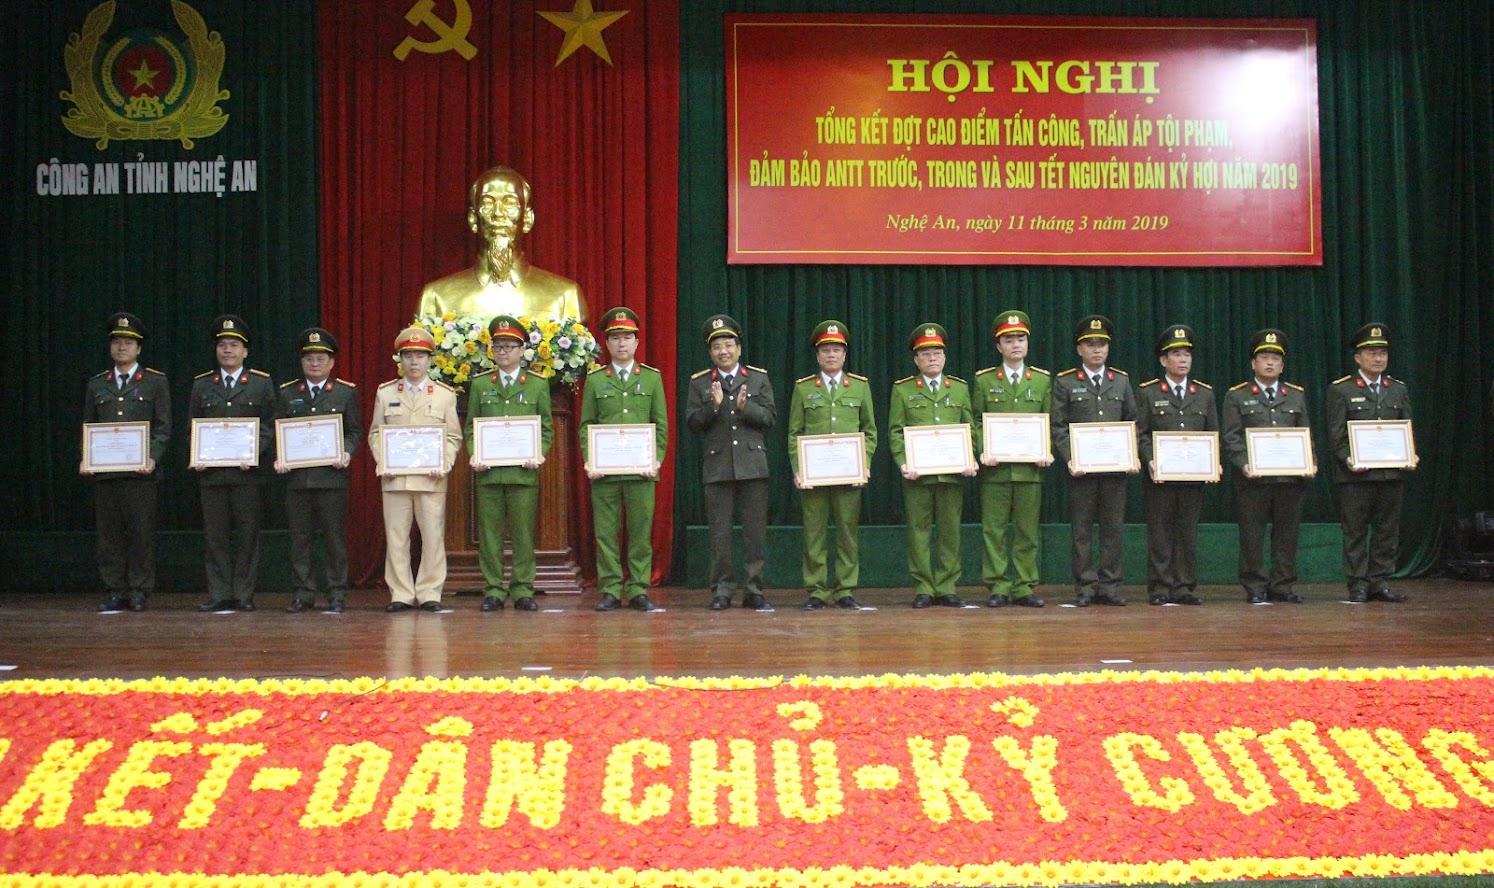 Đồng chí Đại tá Hồ Văn Tứ, Phó Giám đốc Công an tỉnh trao thưởng cho các tập thể có thành tích xuất sắc  trong 2 năm thực hiện Cuộc vận động